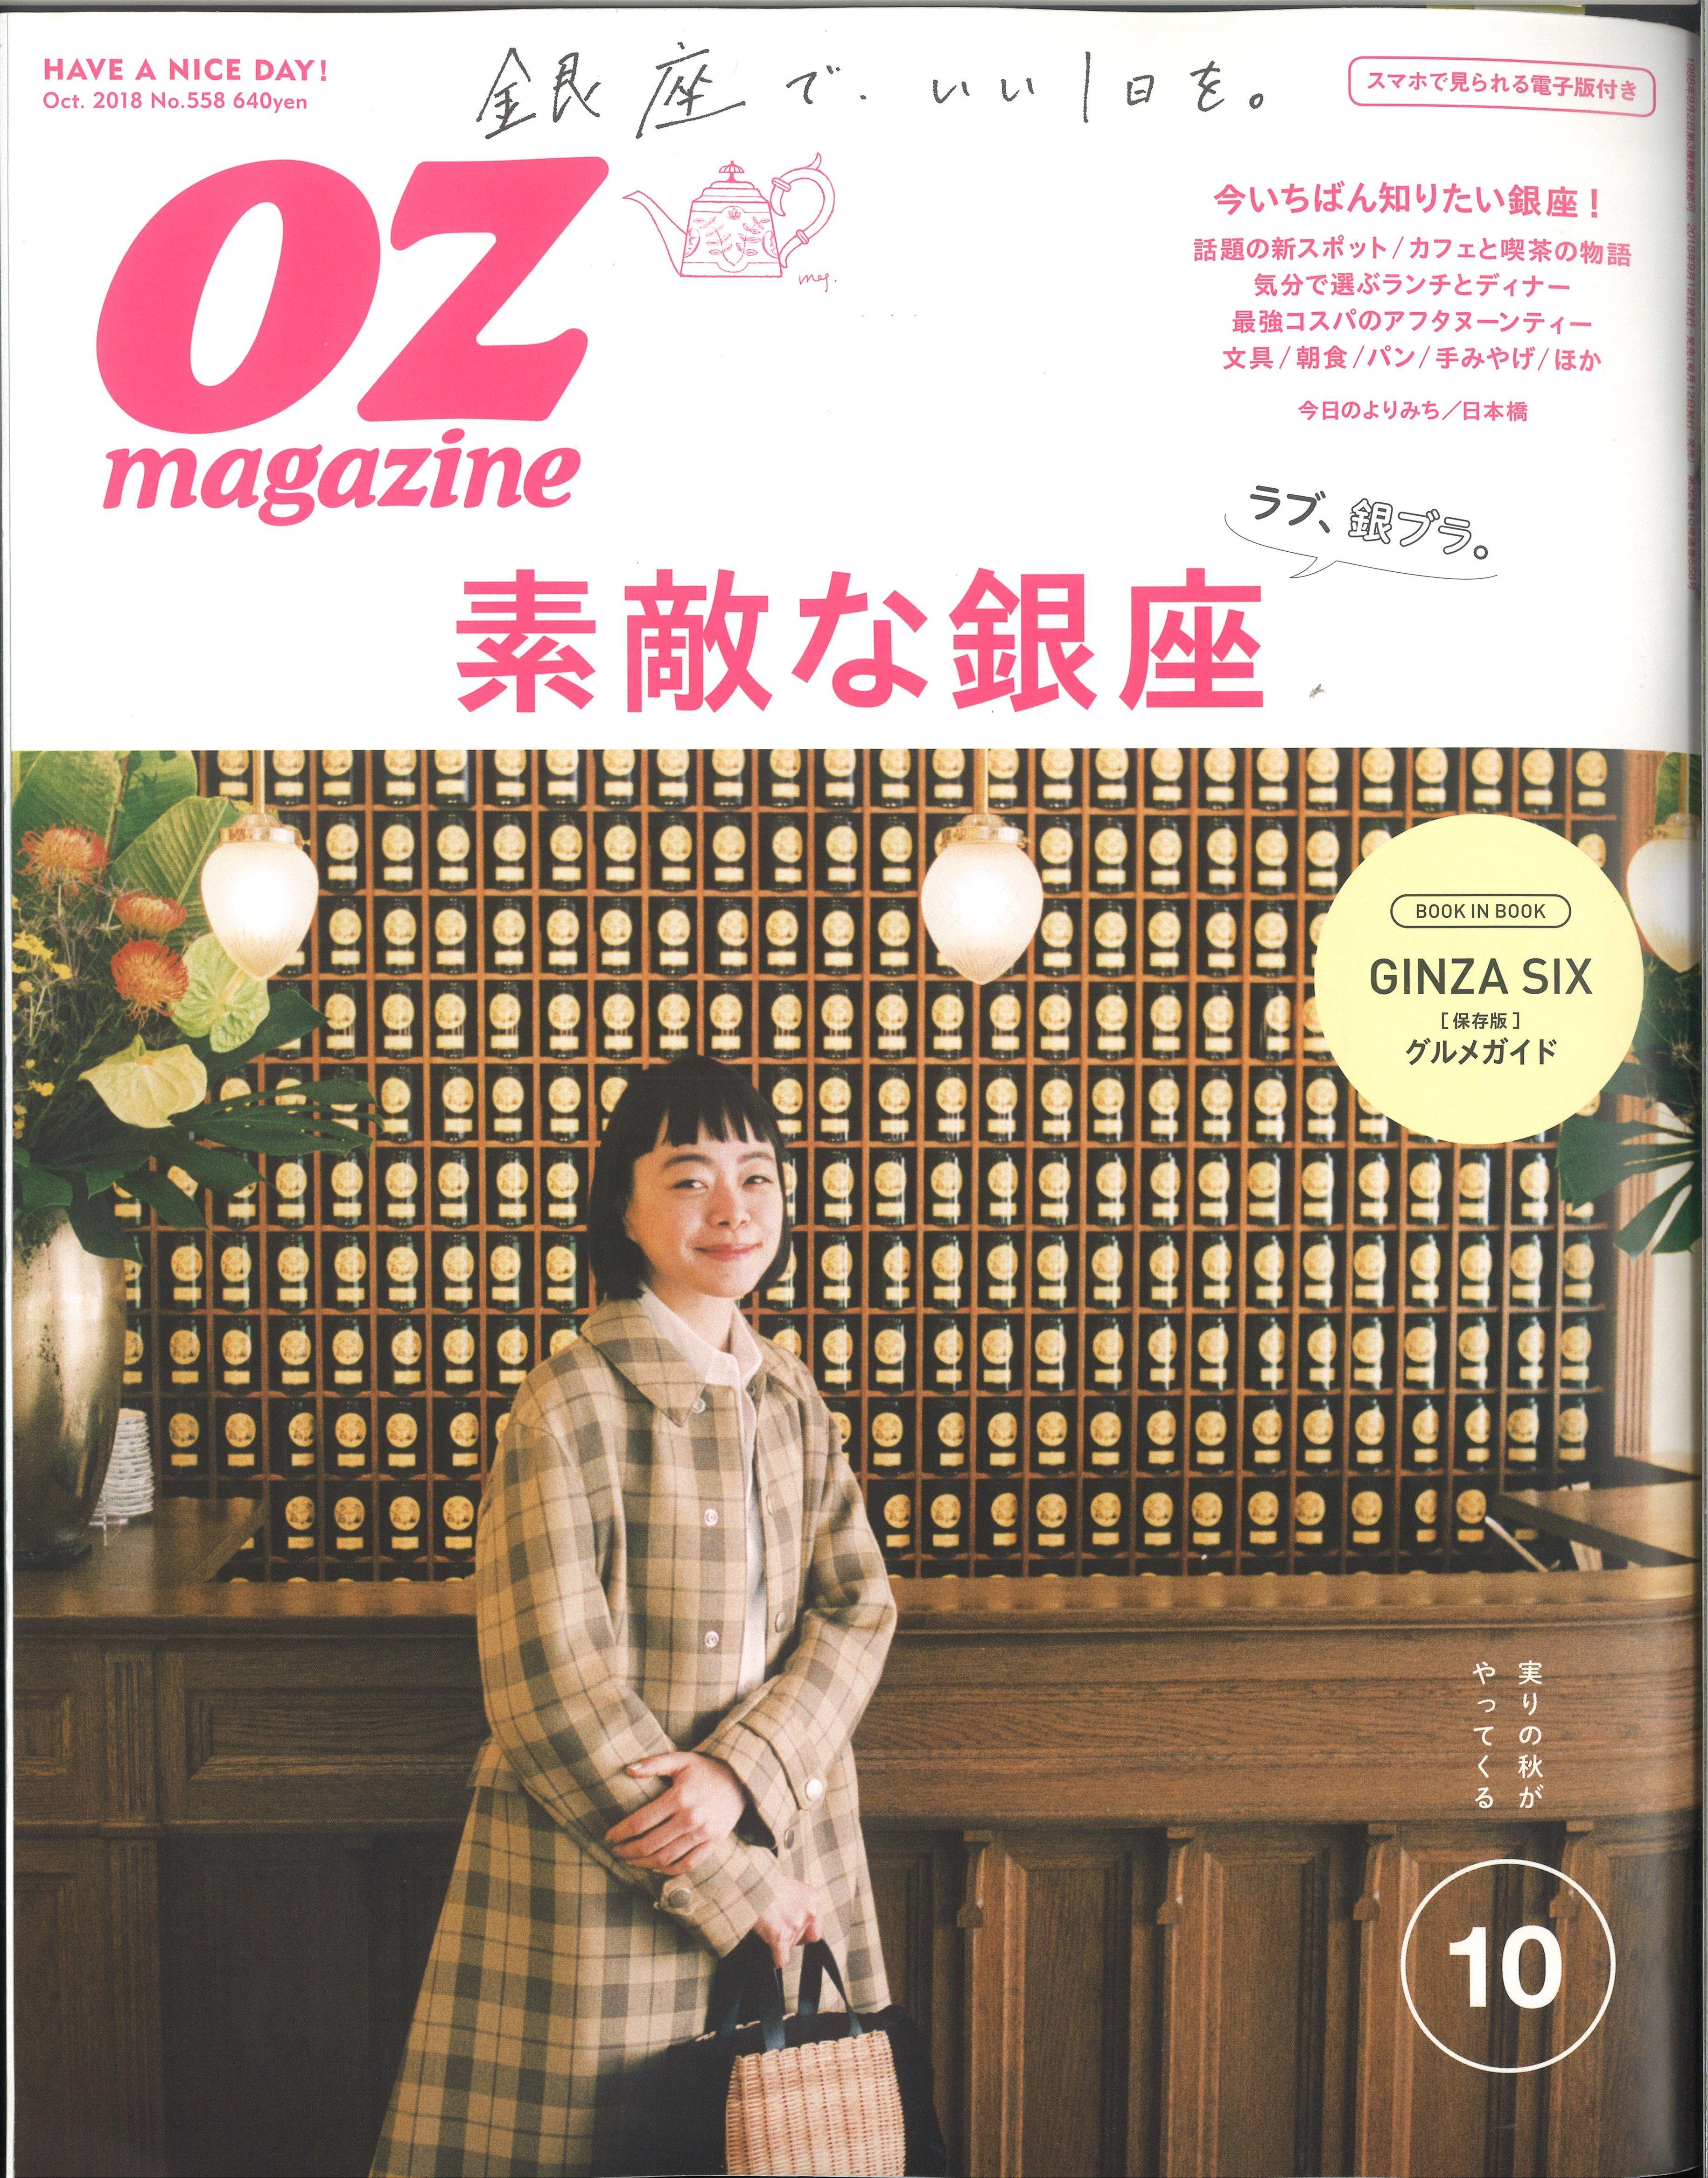 9/12 オズマガジン10月号に掲載されました。